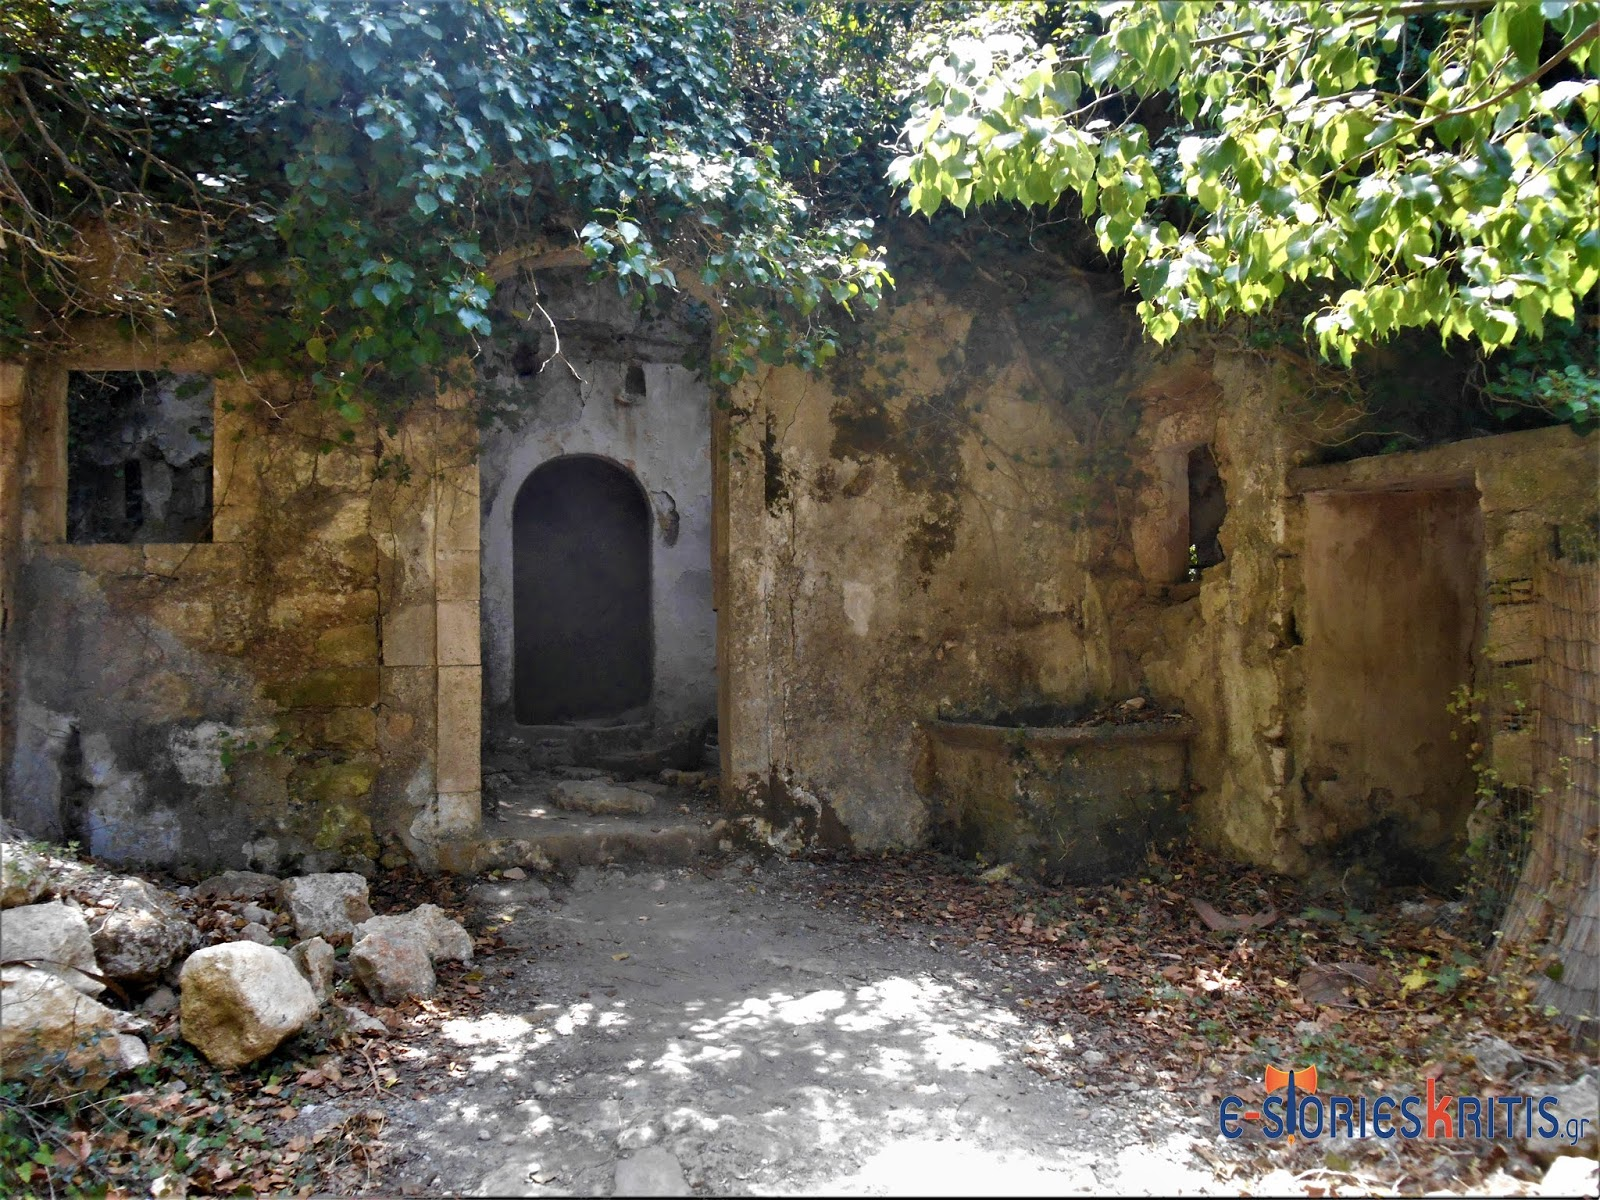 Φαράγγι των Μύλων, μια όαση δροσιάς έξω από το Ρέθυμνο - Ιστορίες, Ρεπορτάζ, Σχολιασμός Κρήτης Blog   e-storieskritis.gr